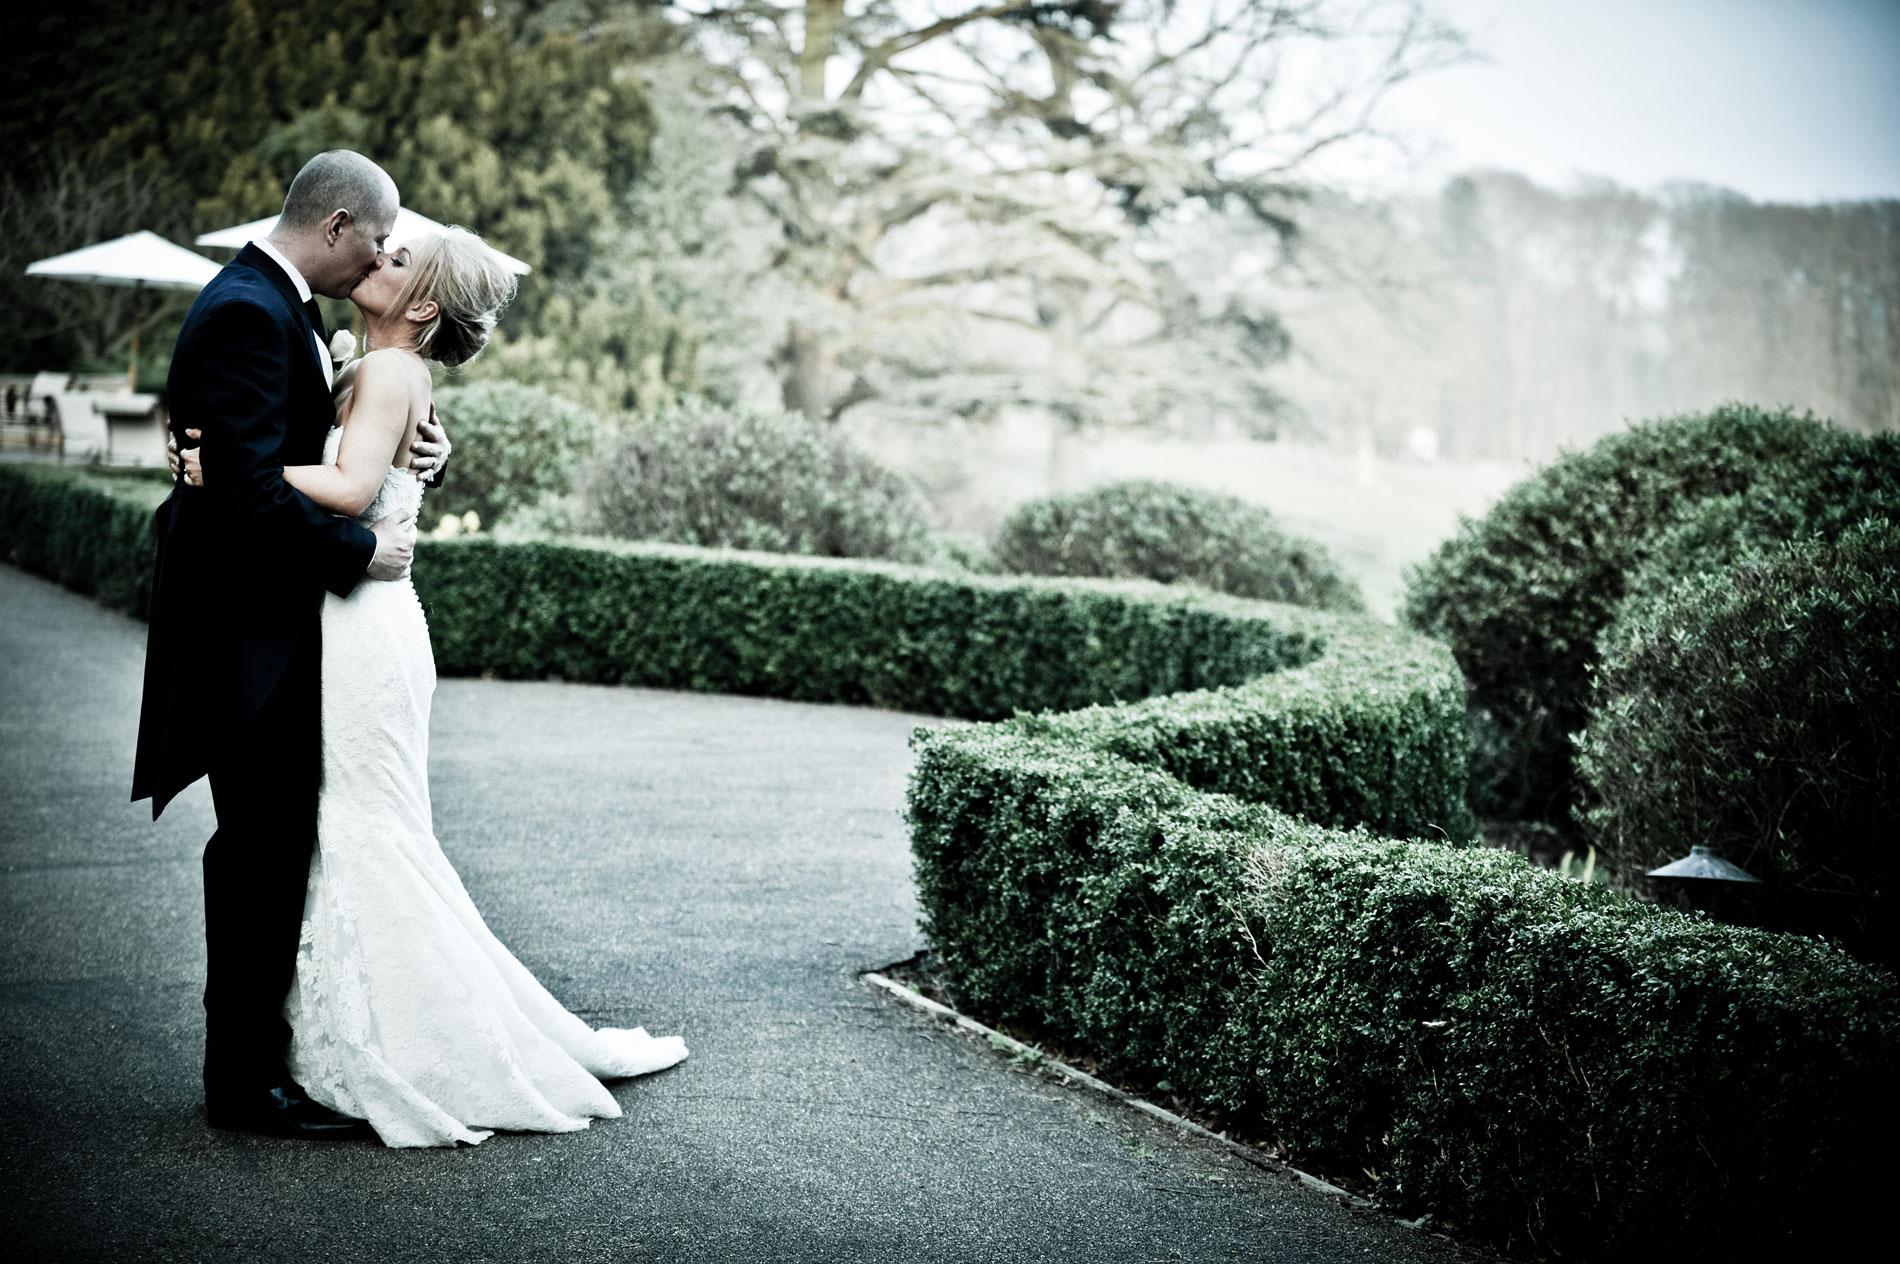 Kilworth-weddings-_40.jpg